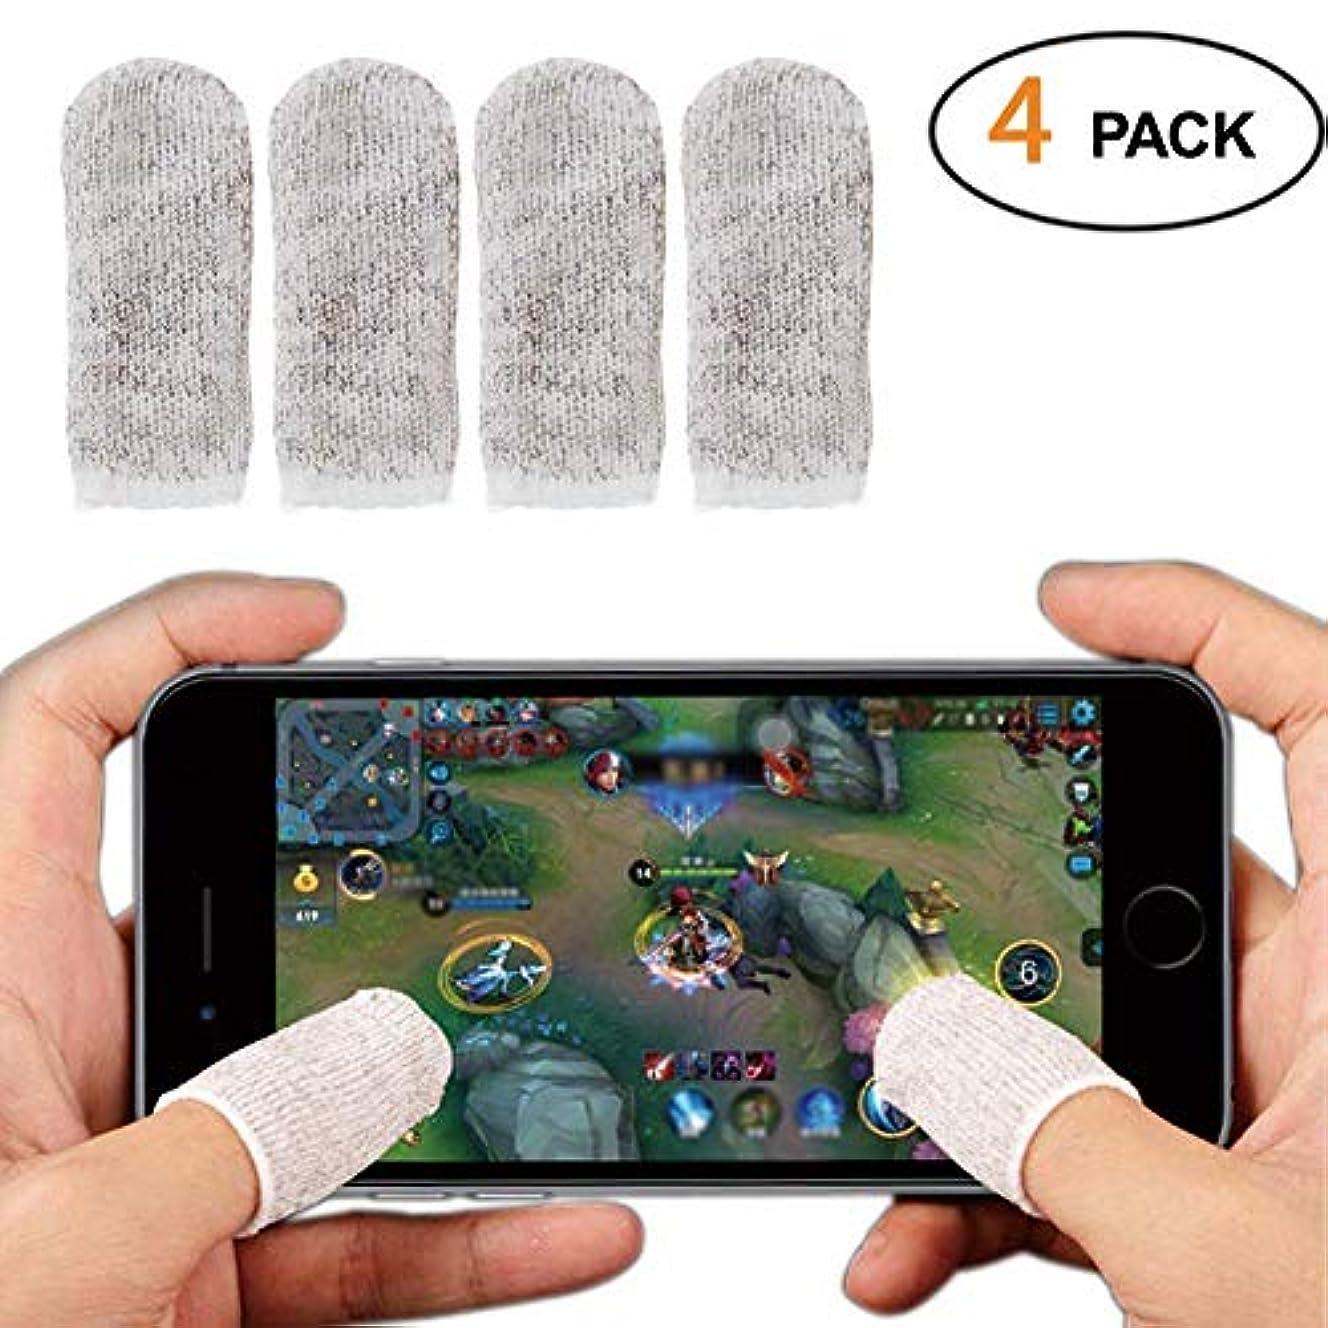 嘆く若い等荒野行動 PUBG Mobile スマホゲーム 手汗対策 超薄 銀繊維 4個入り 指カバー 反応早い 指サック 操作性アップ 携帯ゲーム iPhone/Android/iPad スマホ対応